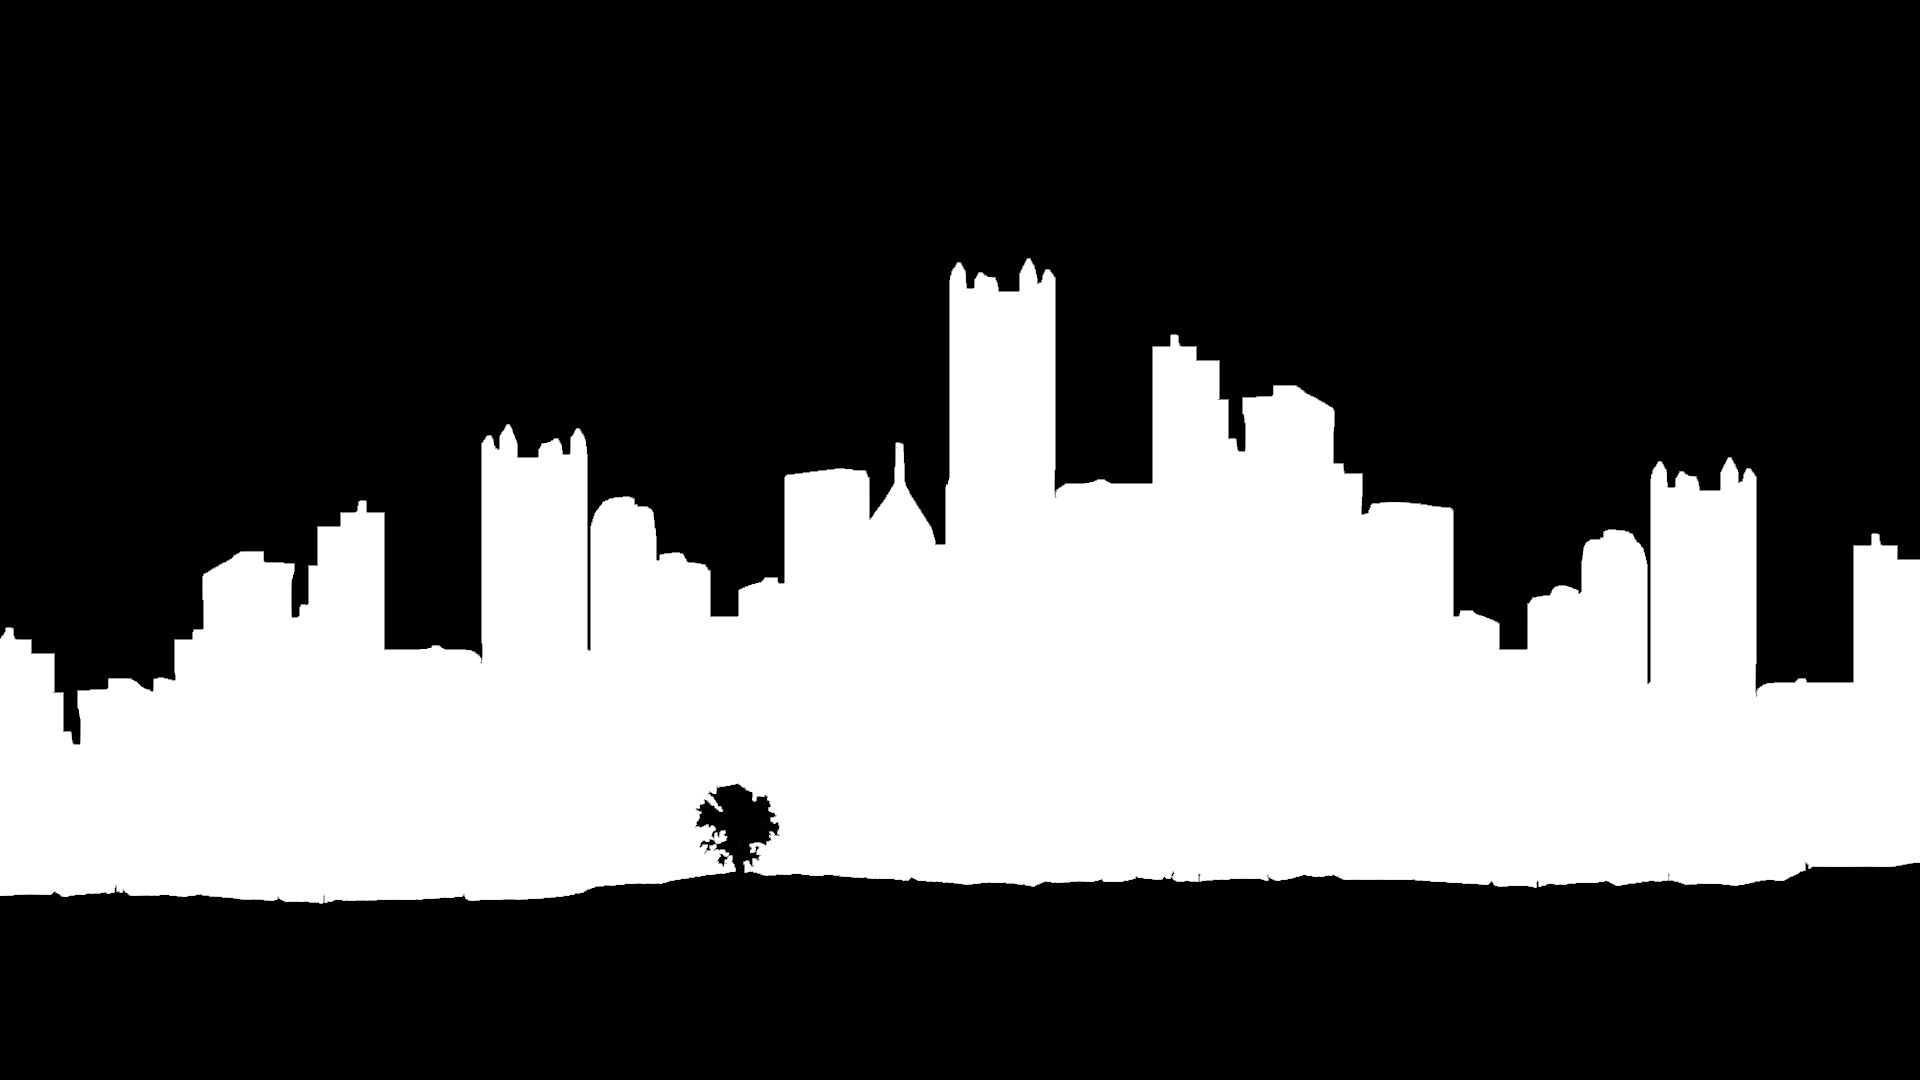 1920x1080 Philadelphia Skyline Wallpaper (The Best Images In 2018)